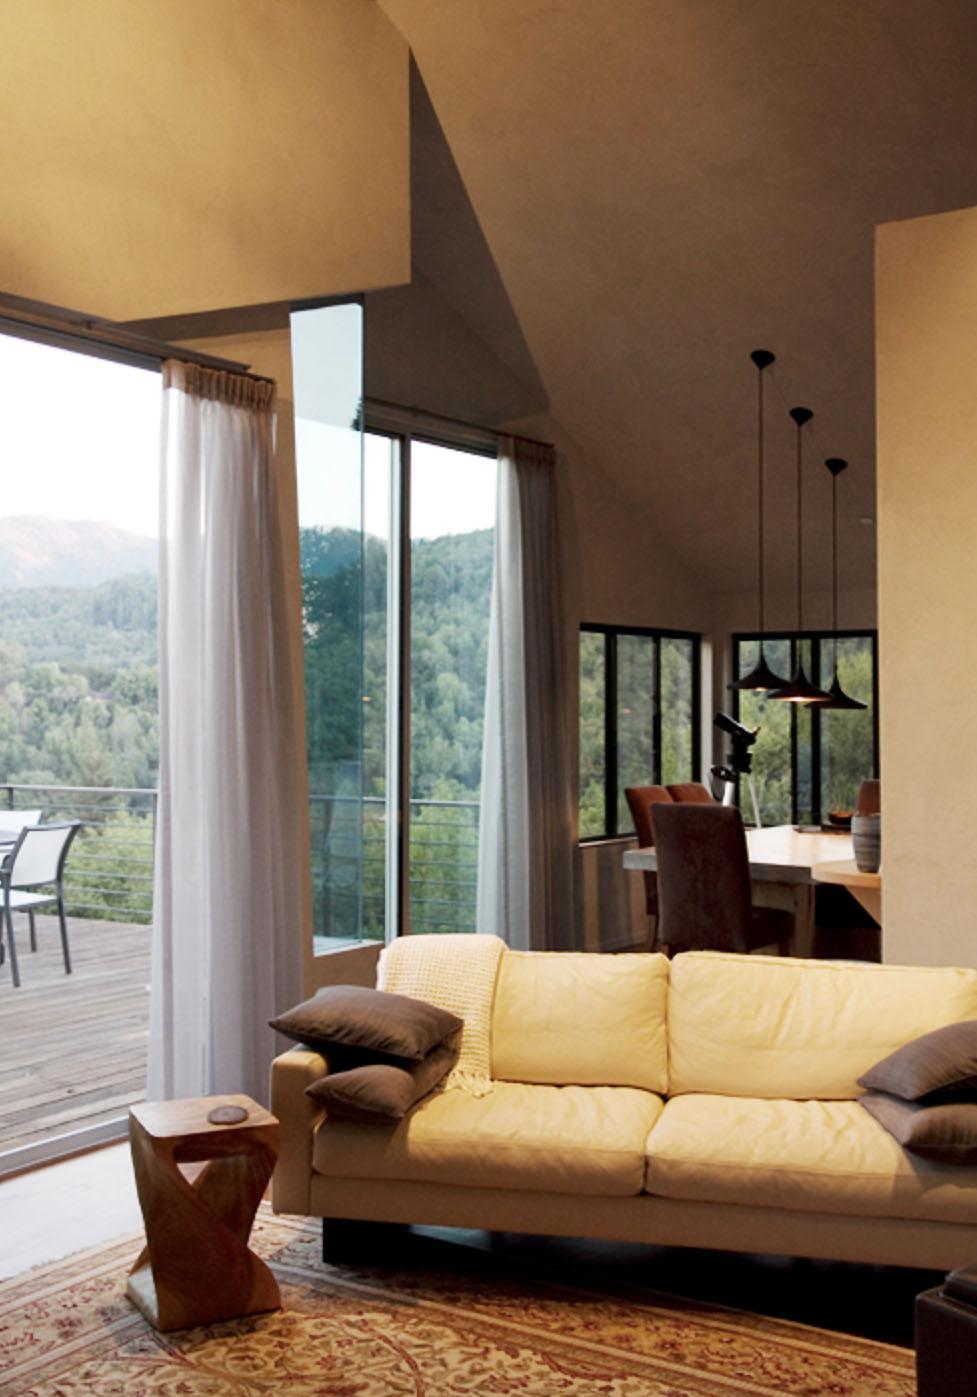 Fairfax Residence - American Clay - Loma, custom color